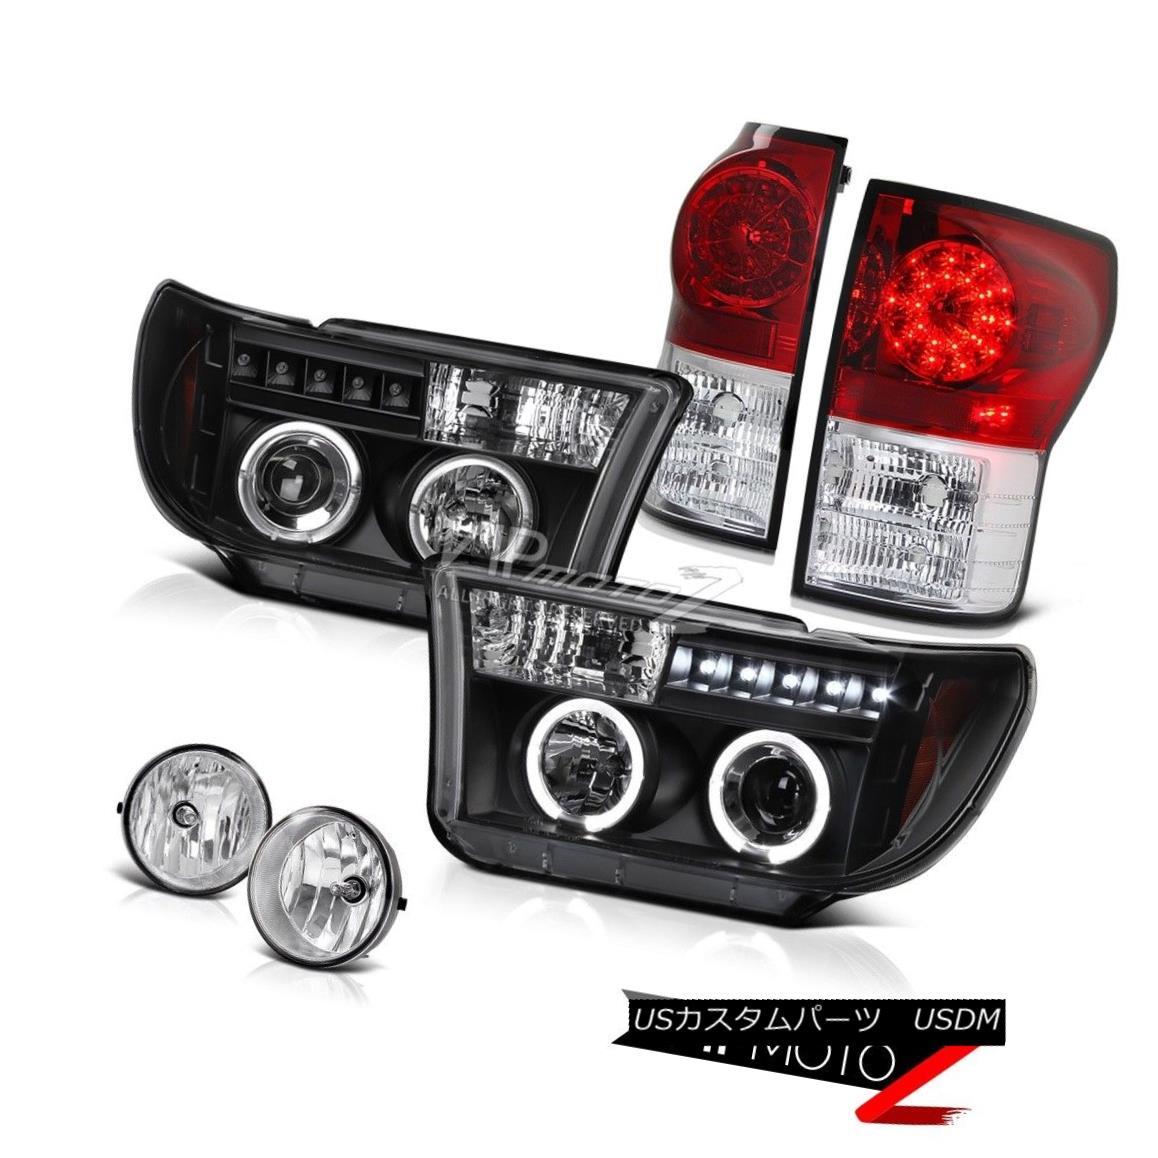 テールライト Black Halo Projector Headlight+Led Tail Light+Fog Lamp Toyota 07-2013 Tundra ブラックハロープロジェクターヘッドライト+ Ledテールライト+ FogランプToyota 07-2013 Tundra